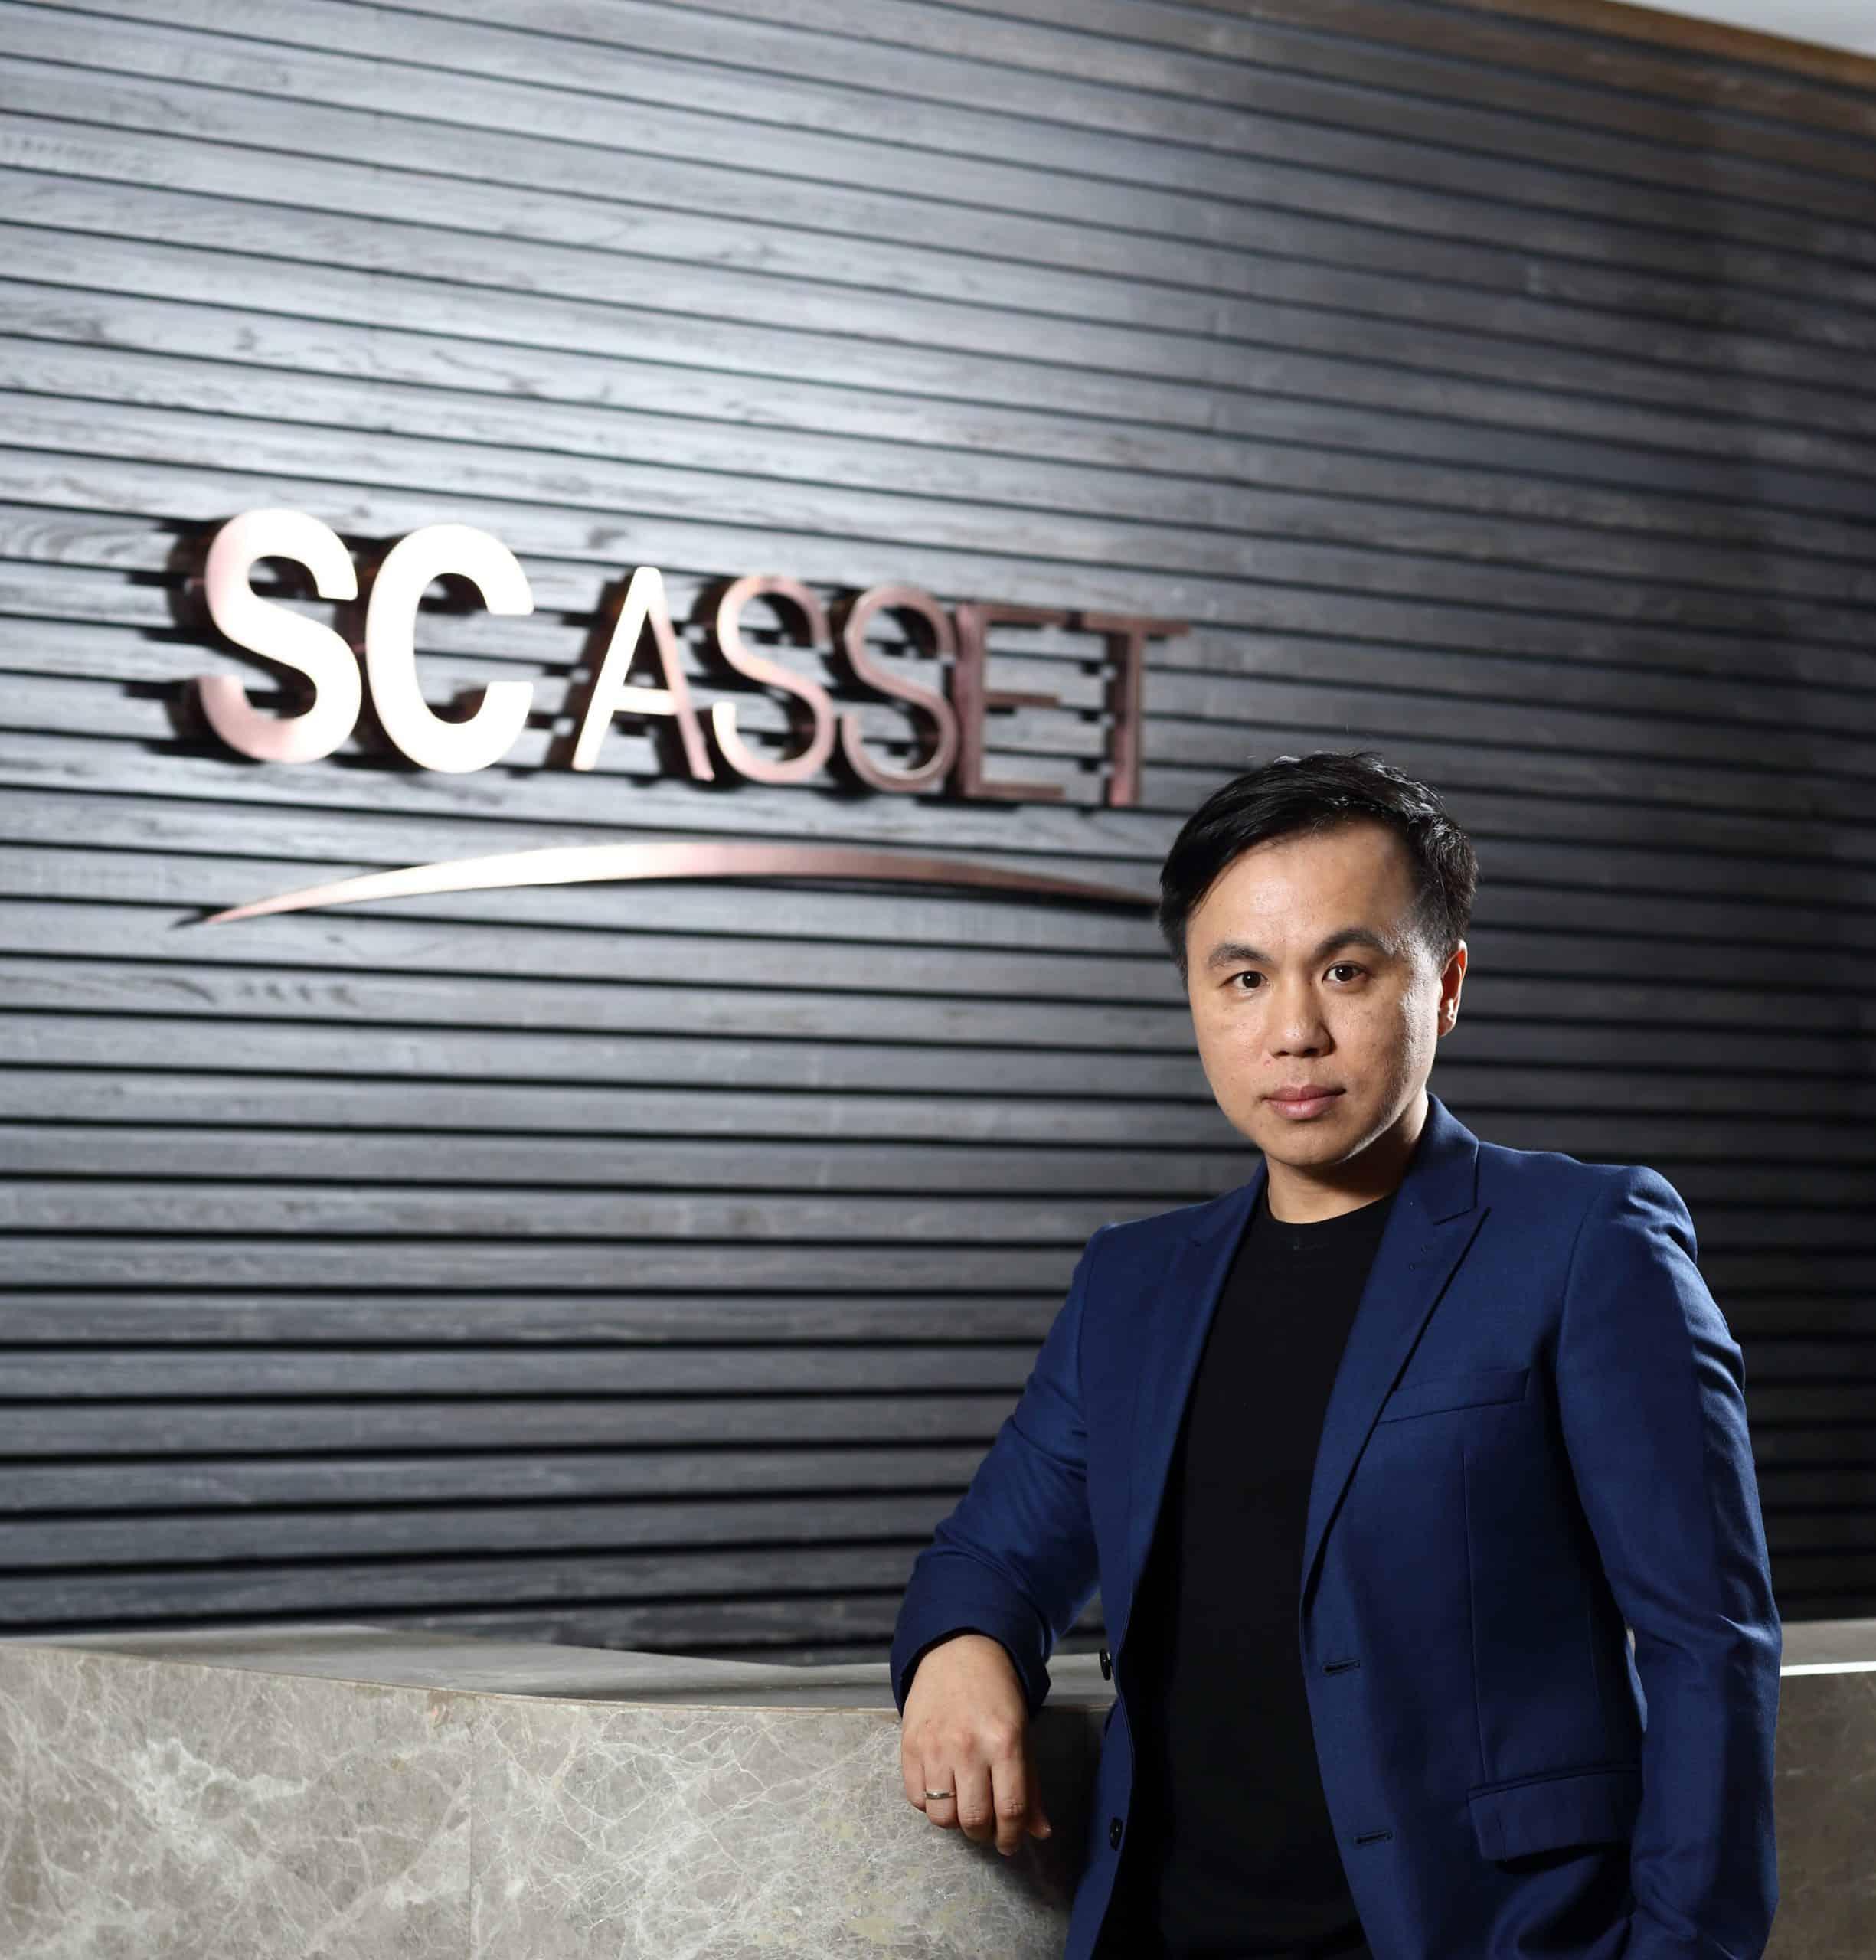 SC Asset ขึ้นแท่นผู้นำตลาดบ้าน 10 ล้านบาทขึ้นไป เผยผลสำเร็จจาก 12 โครงการ